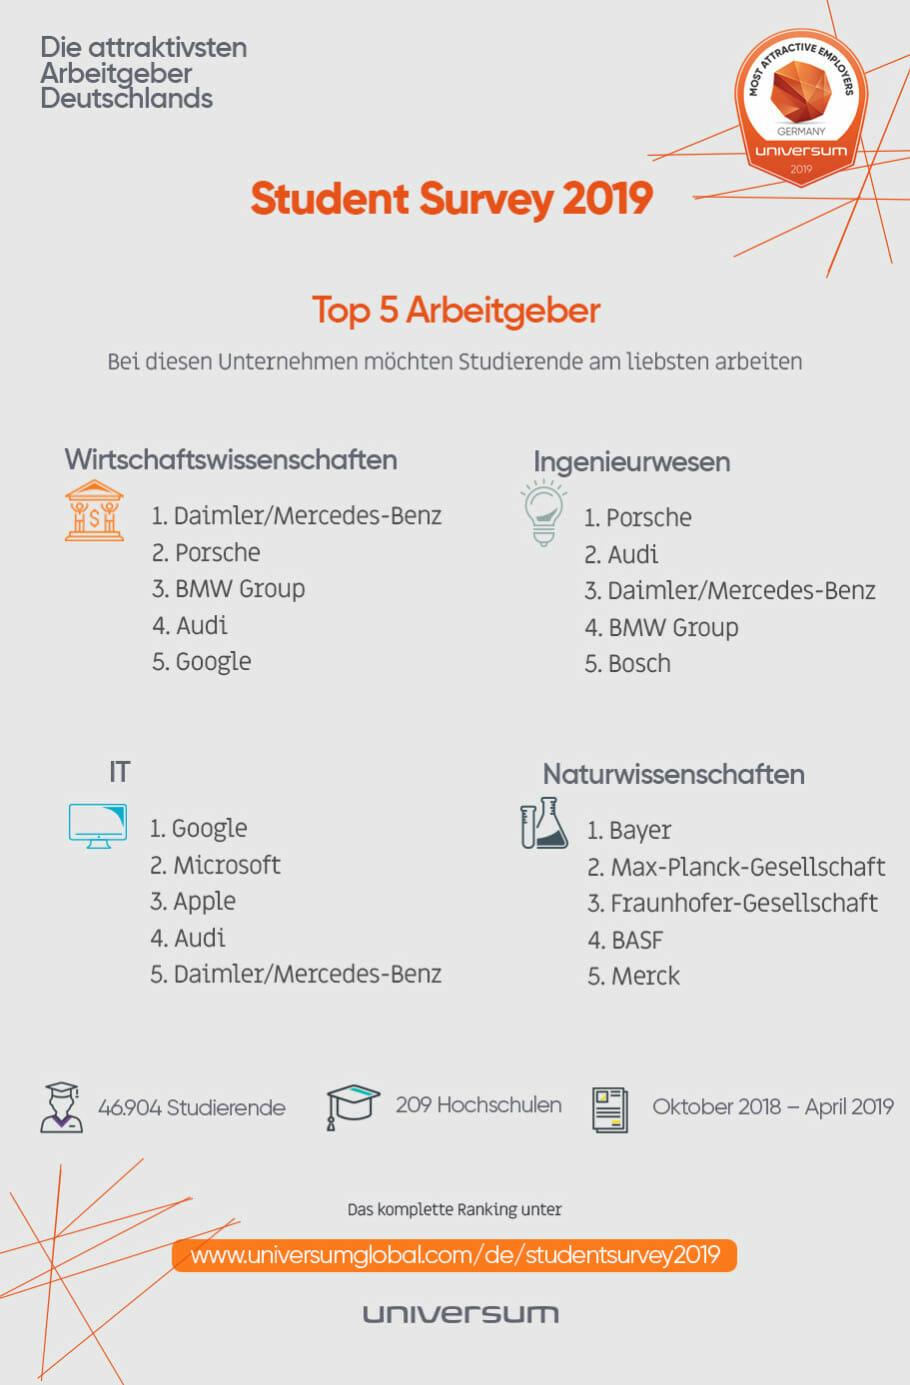 Top 5 Arbeitgeber für Studierende